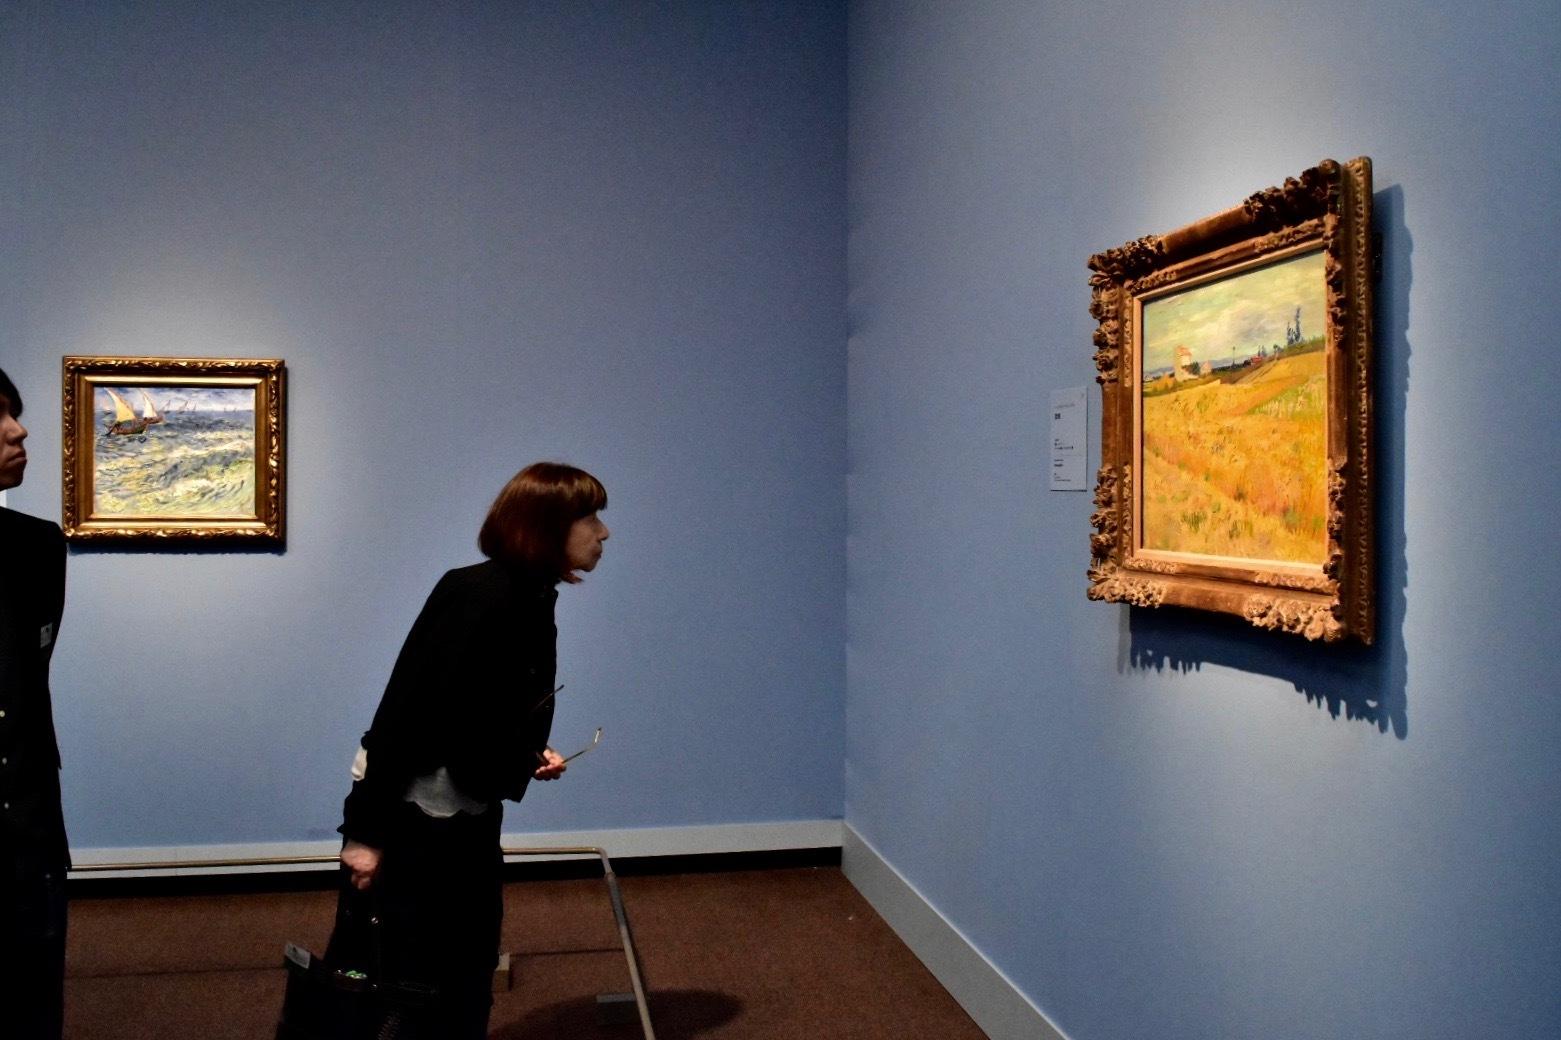 右:フィンセント・ファン・ゴッホ 麦畑 デ・ブール財団、アムステルダム 左奥:同作者 サント=マリーの海 プーシキン美術館